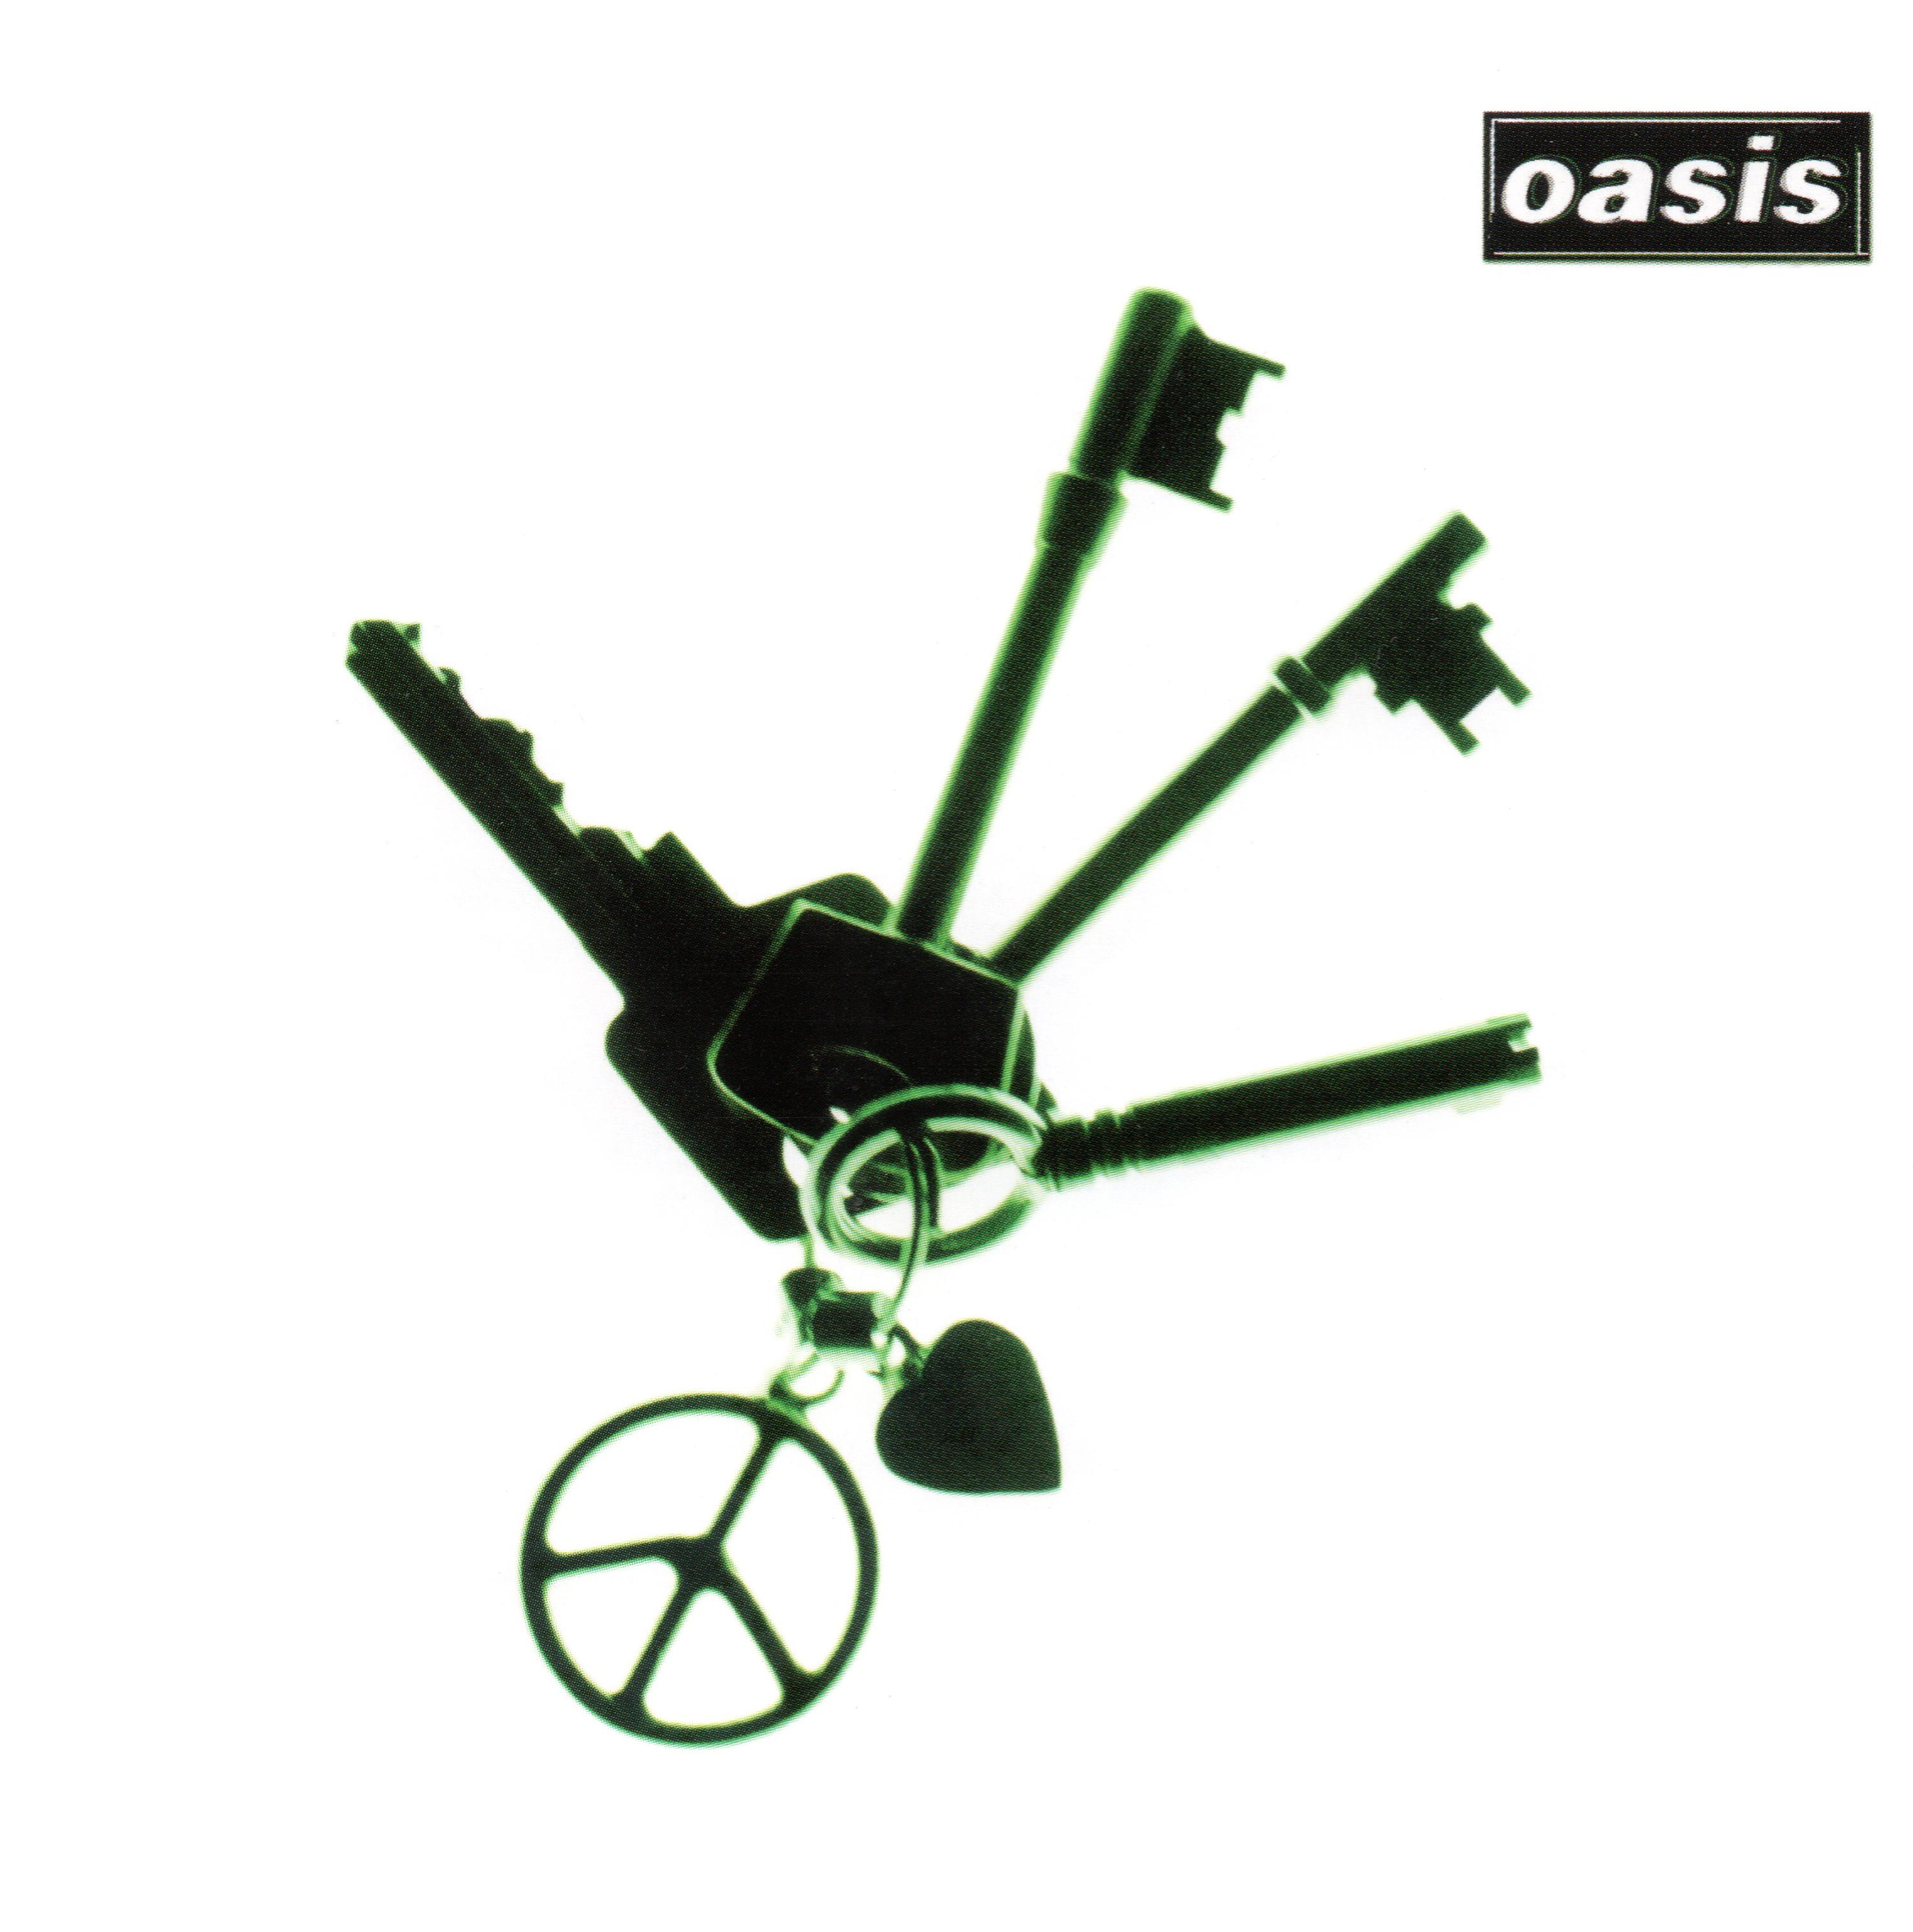 oasis (オアシス) シングル『Let There Be Love (レット・ゼア・ビー・ラヴ)』(2005年12月21日発売) 高画質CDジャケット画像 (ジャケ写)